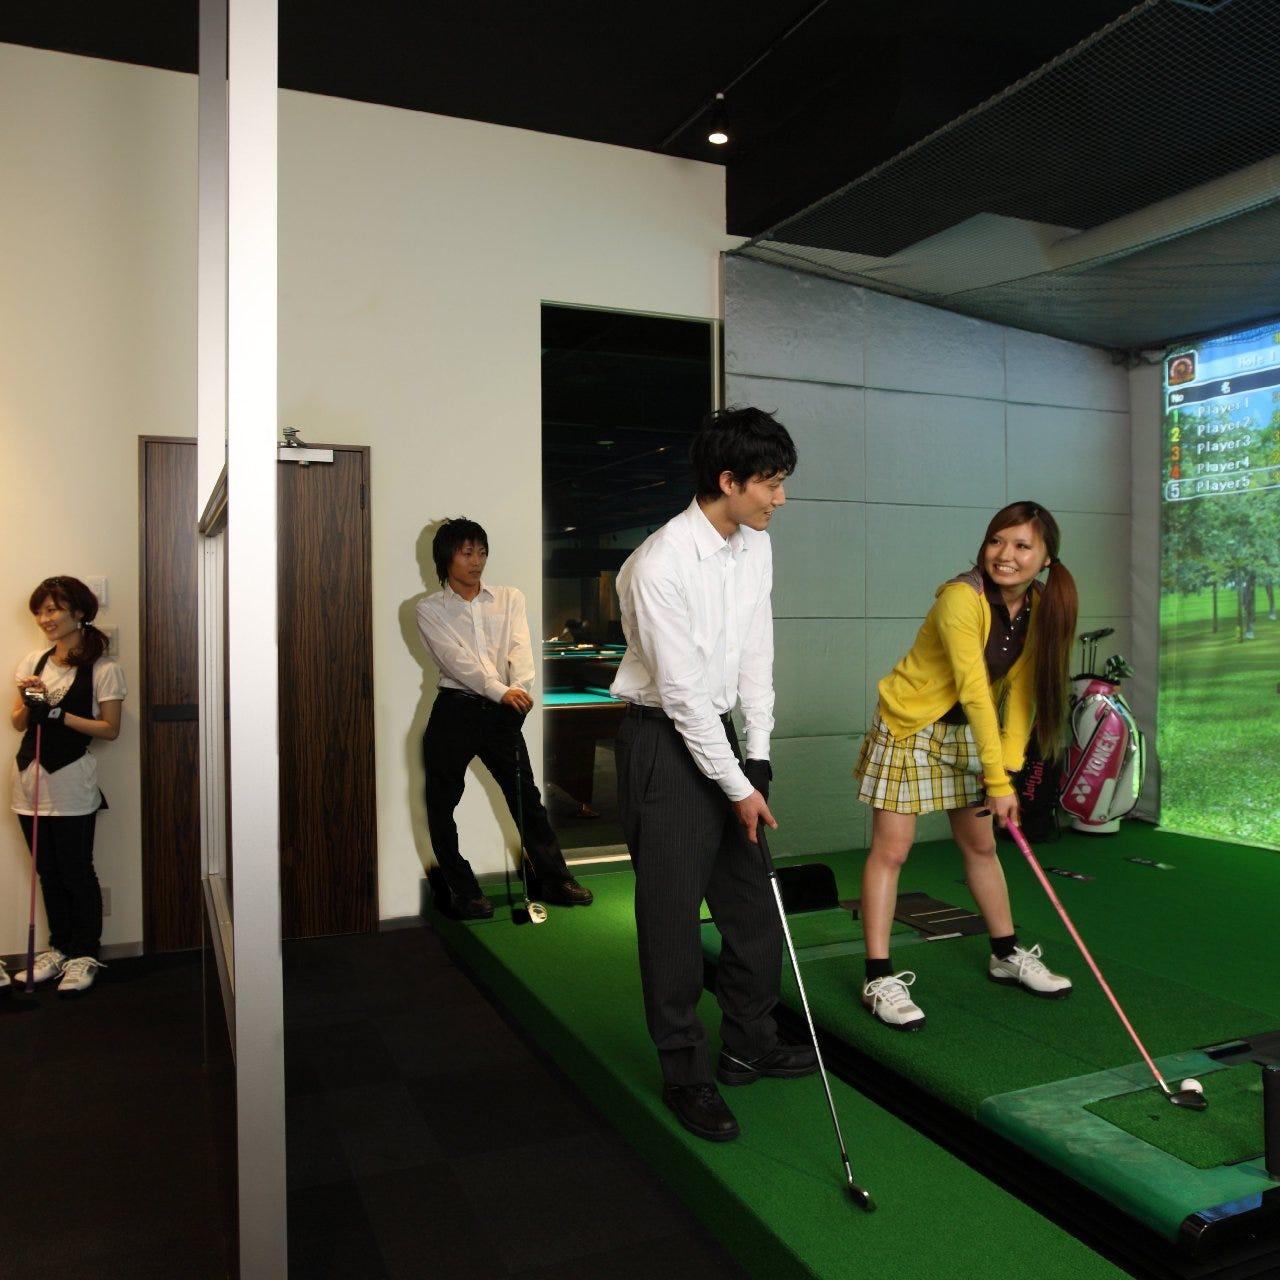 【ぐるなびゴルフプラン】おひとり様から団体様まで♪【席のみ/2時間】